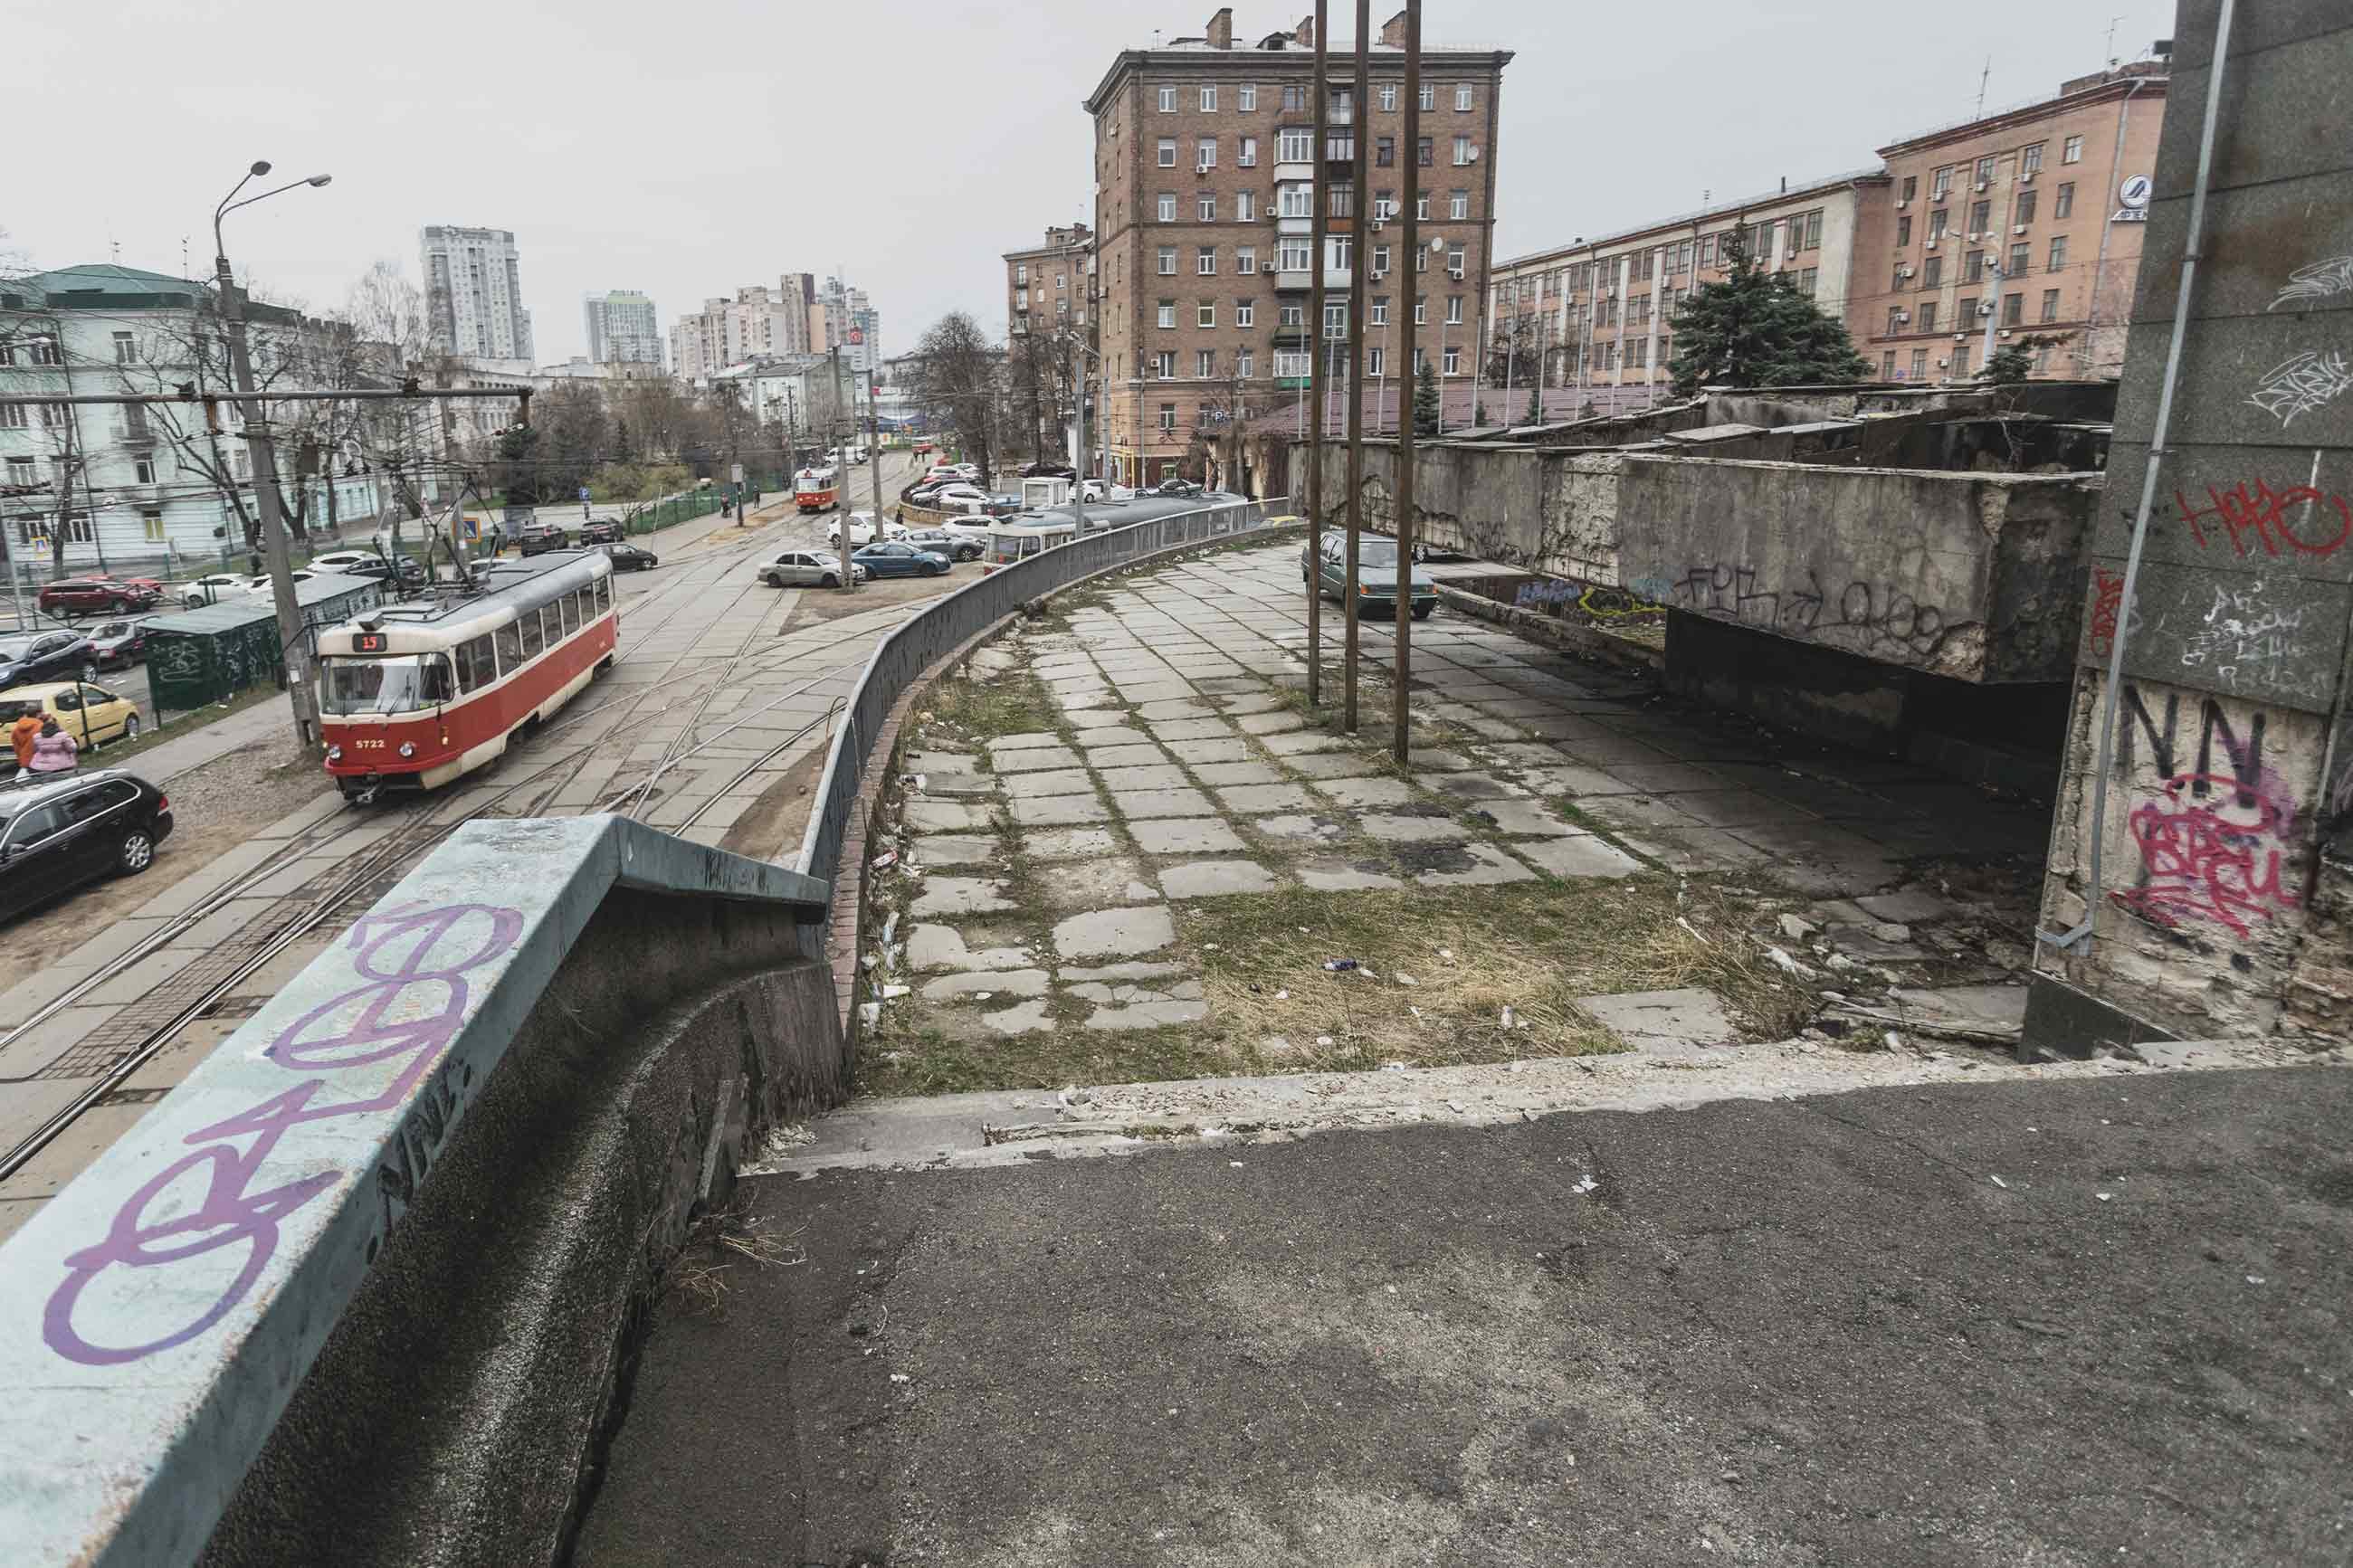 shyrochin dsc04995 - <b>Забута архітектура 1930-х.</b> Що варто знати про міжвоєнні проєкти у Києві - Заборона